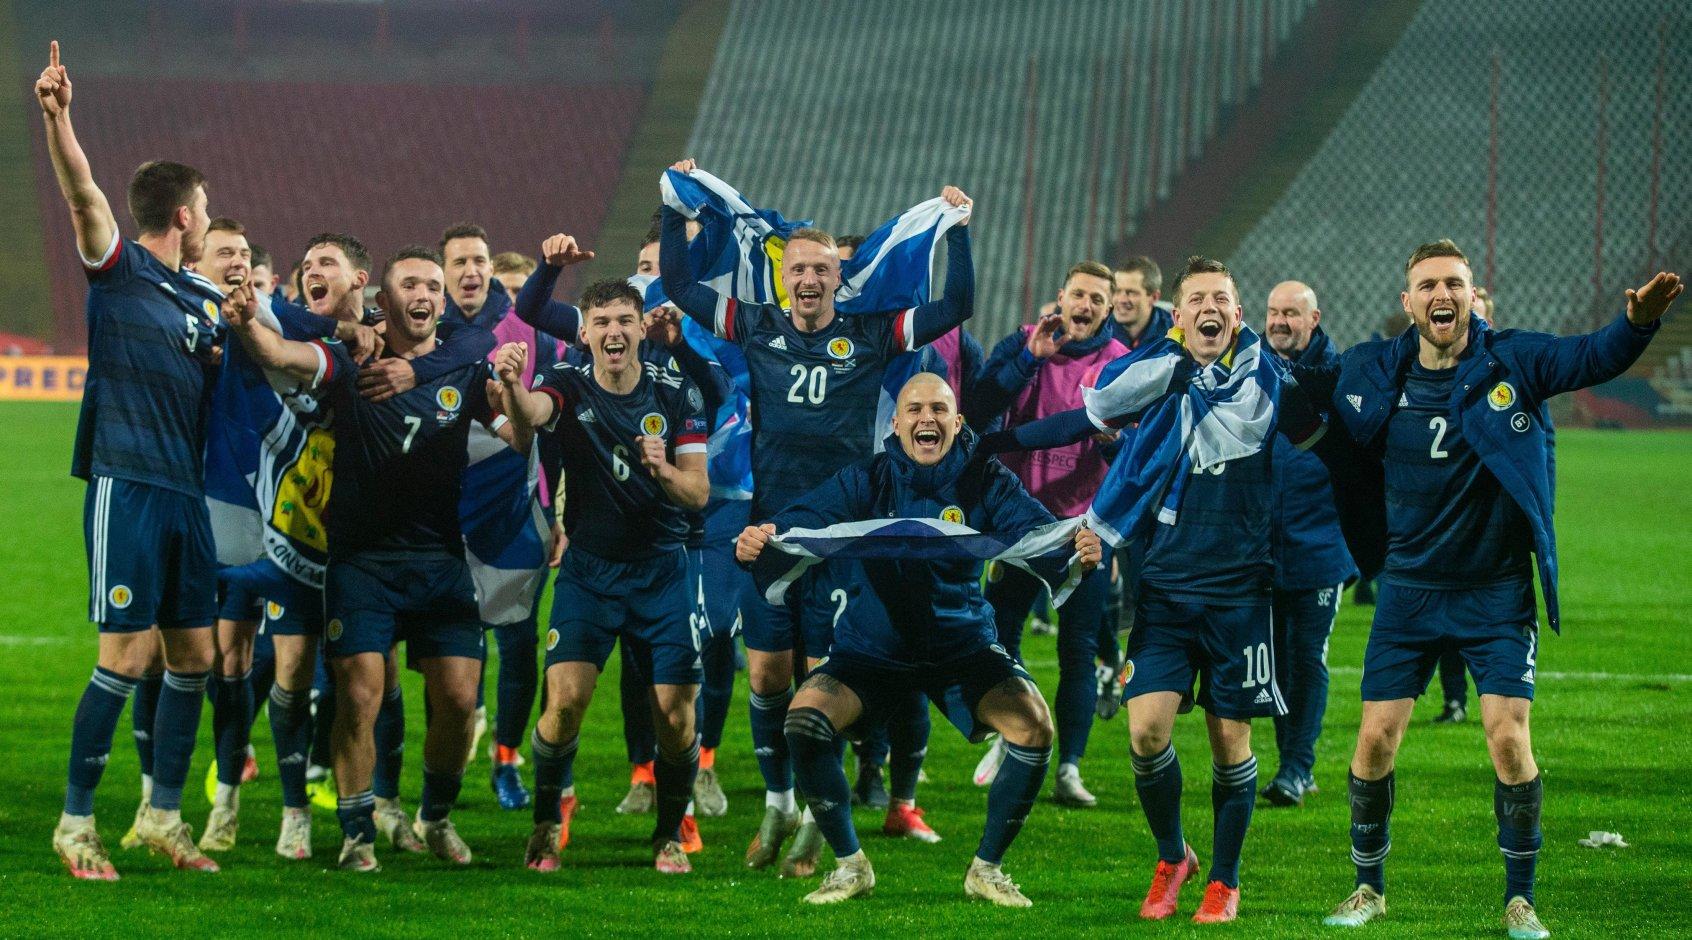 The Athletic: игроки сборной Шотландии передумали и встанут на колено в матче Евро-2020